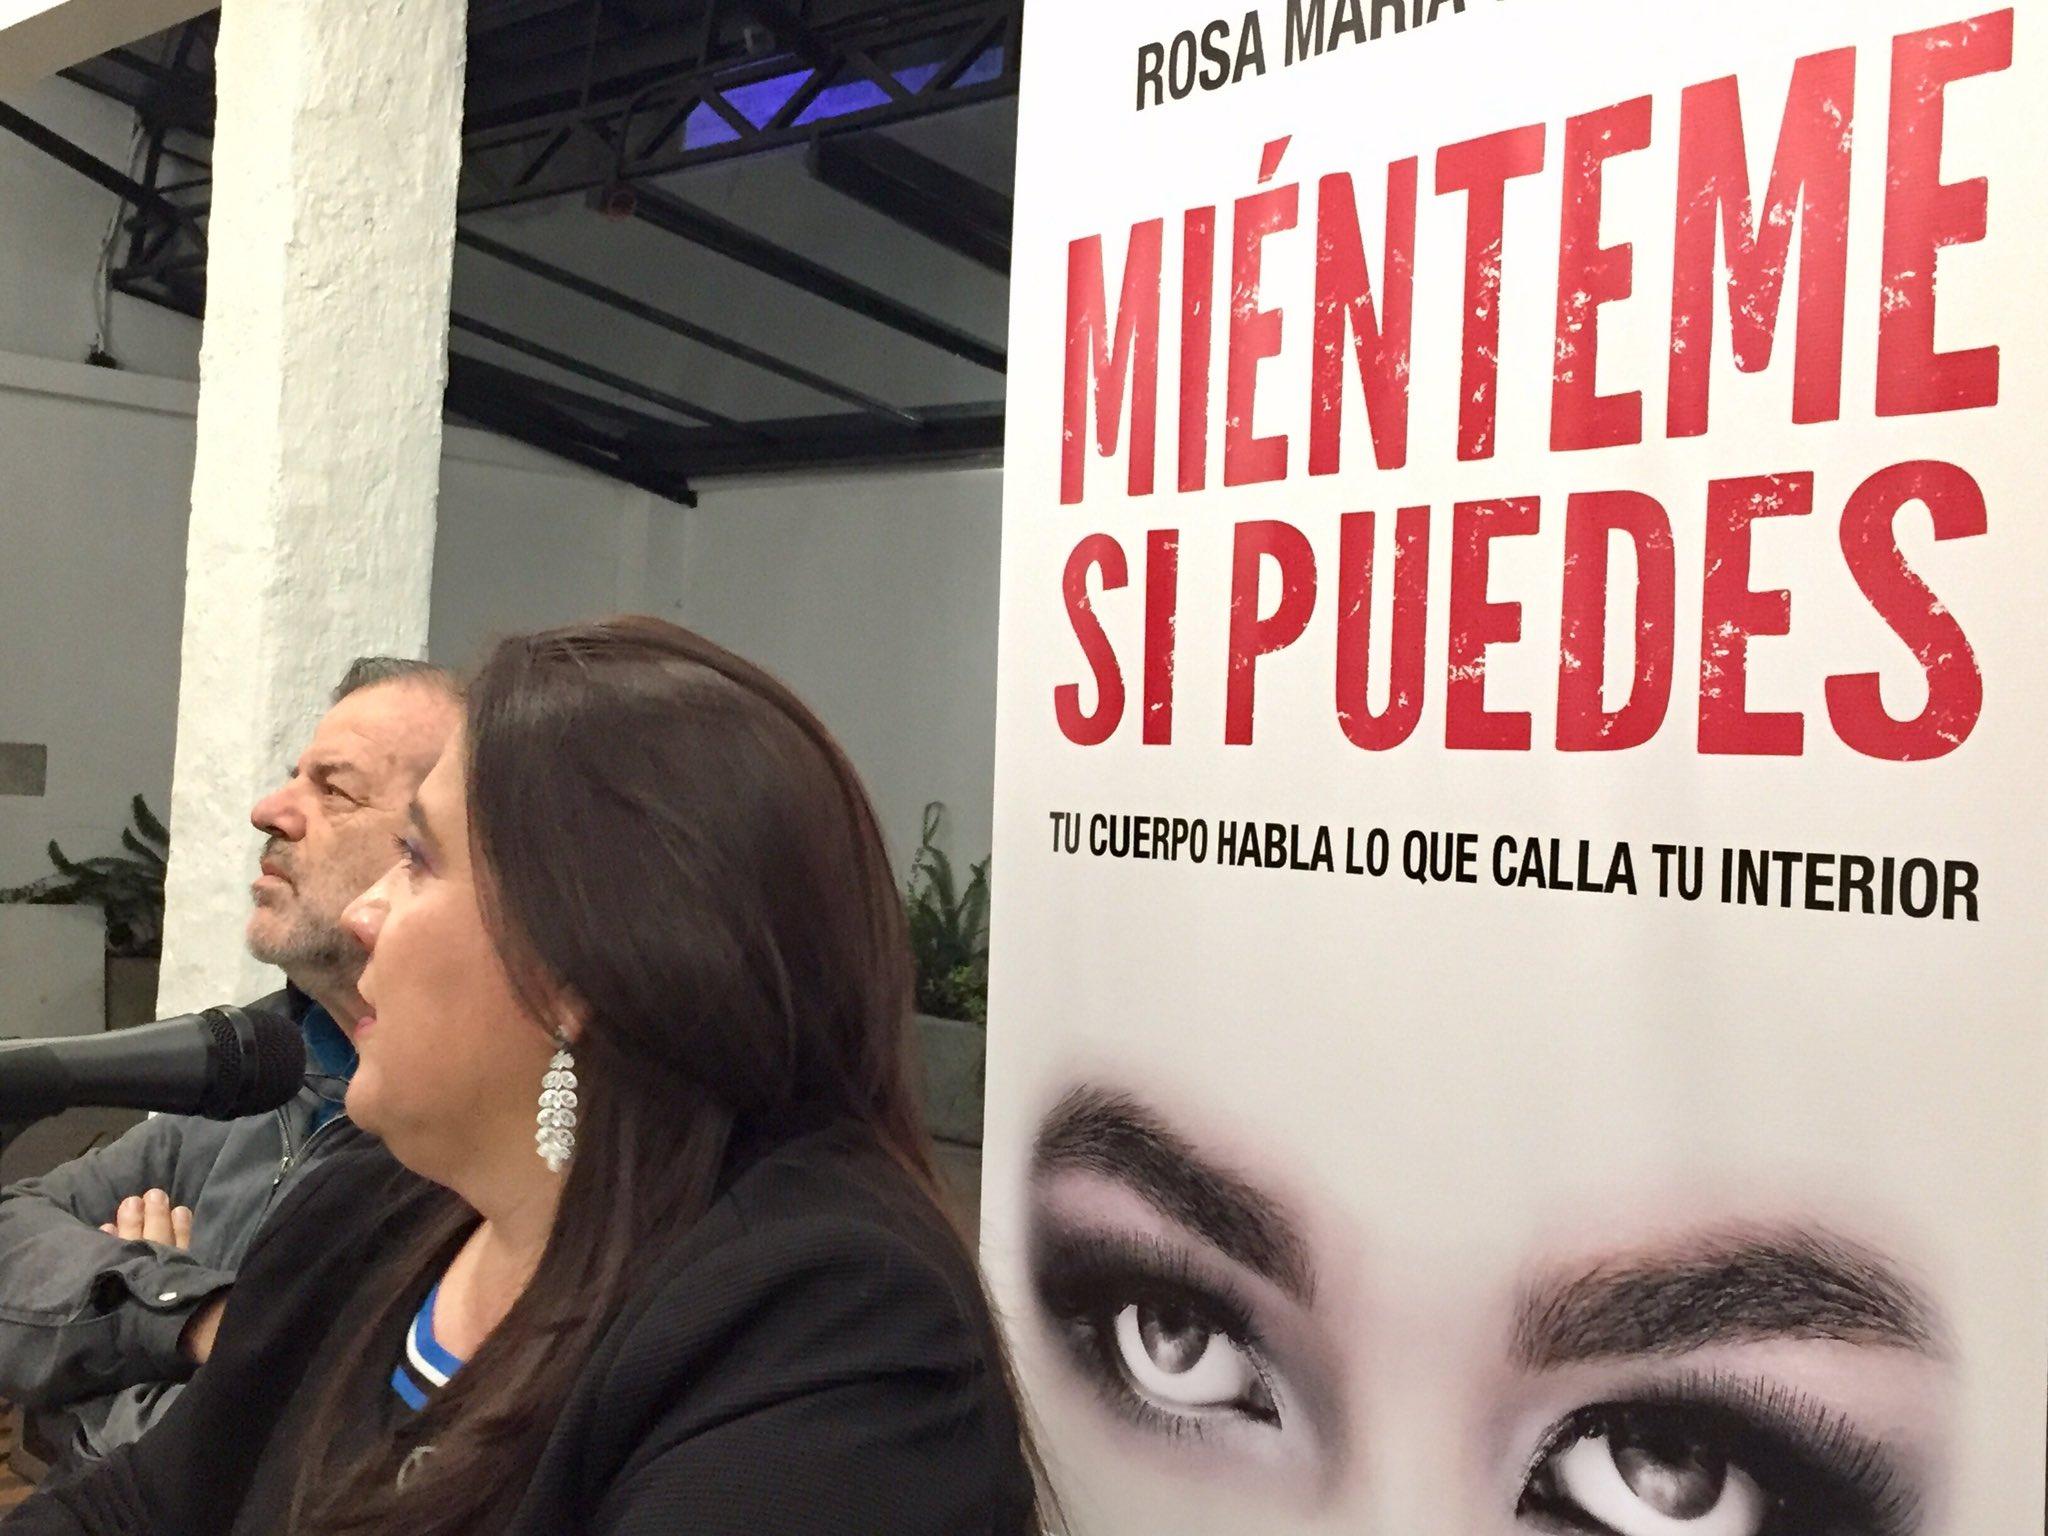 Andres Grillo On Twitter Todos Decimos Mentiras Rosa Maria Cifuentes Autora De Mienteme Si Puedes Planetalibrosco Rmcifuentes